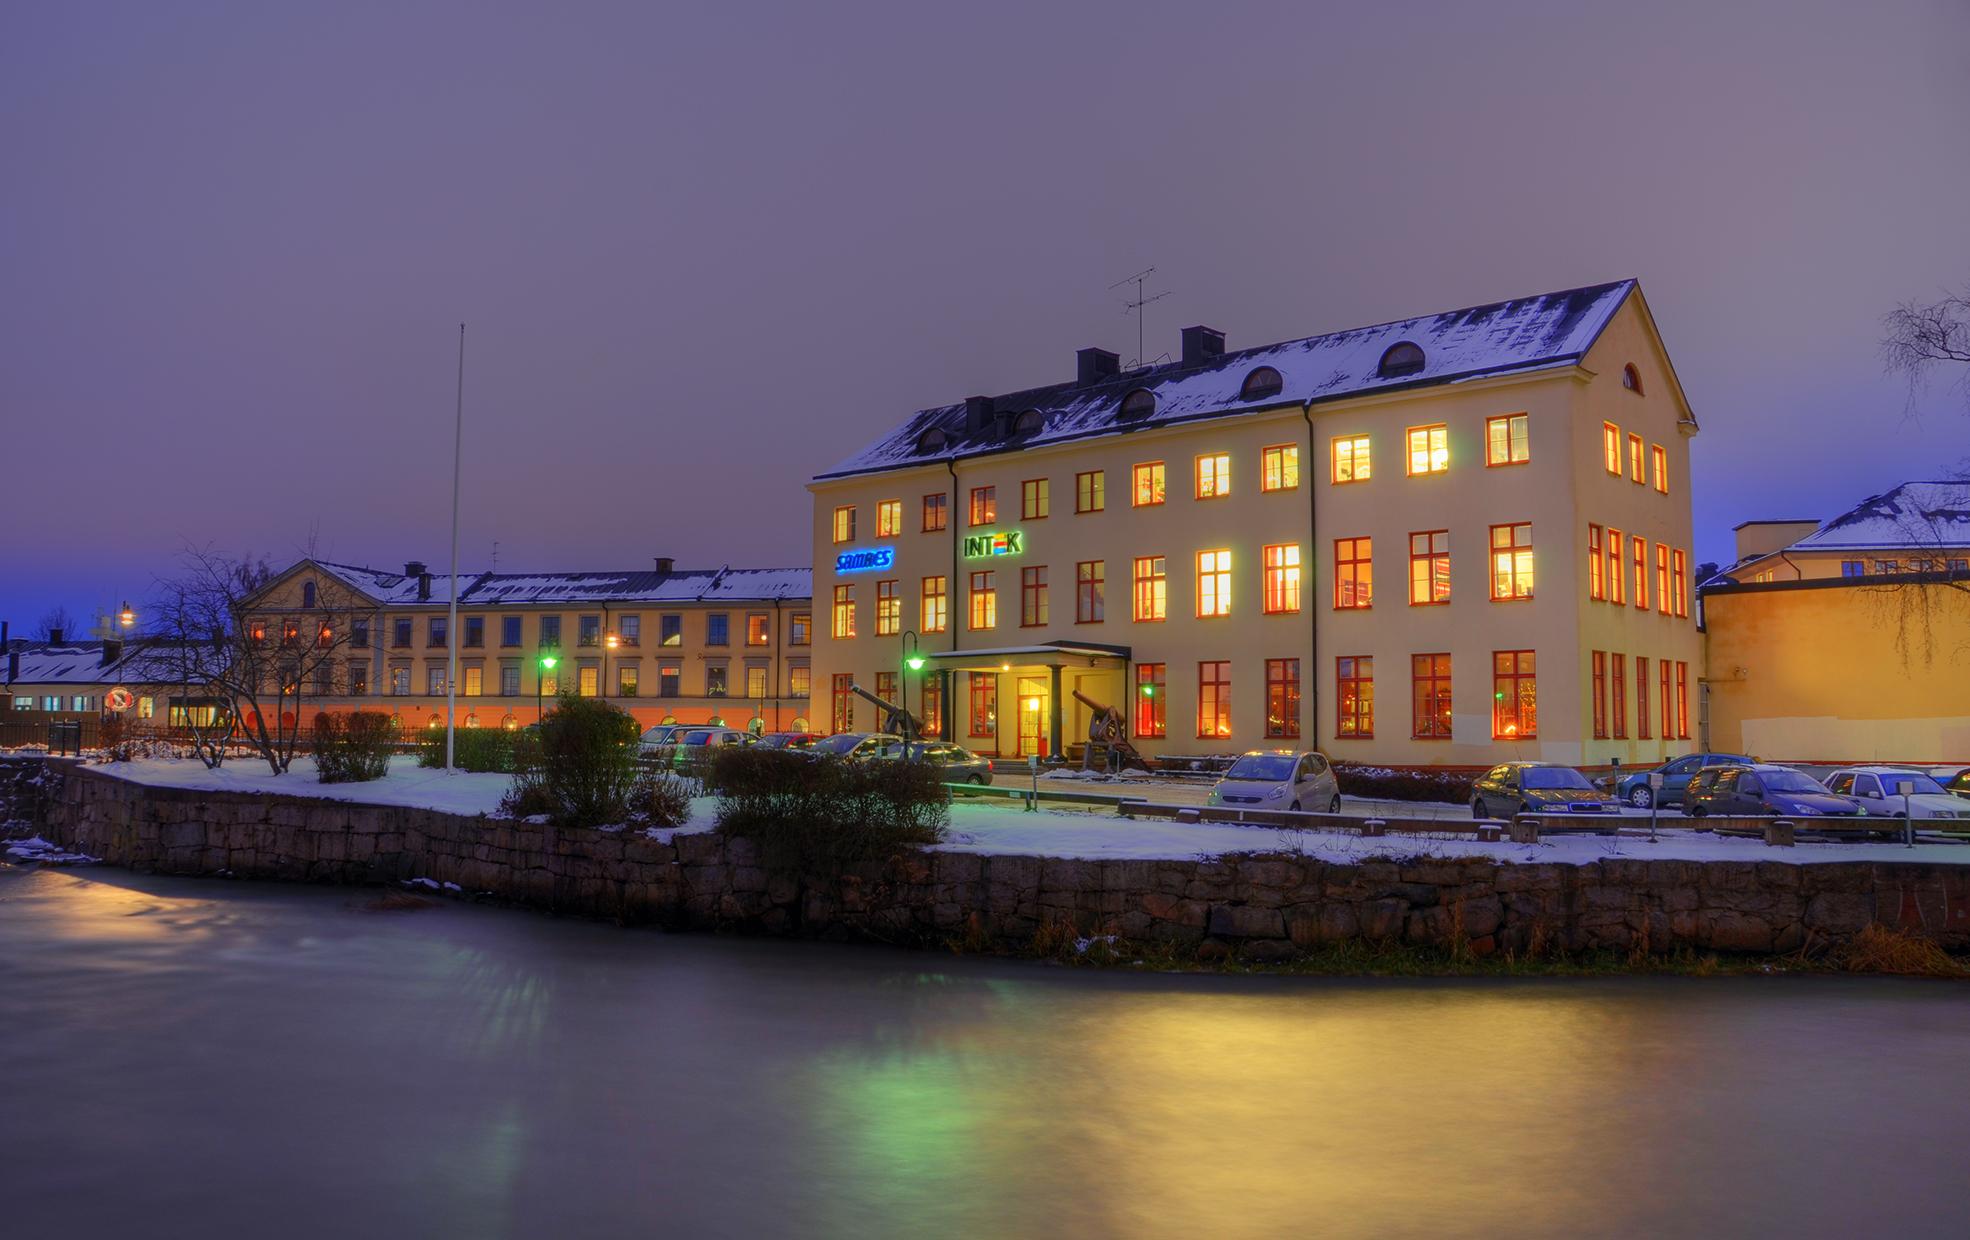 A Violet Stream II by HenrikSundholm